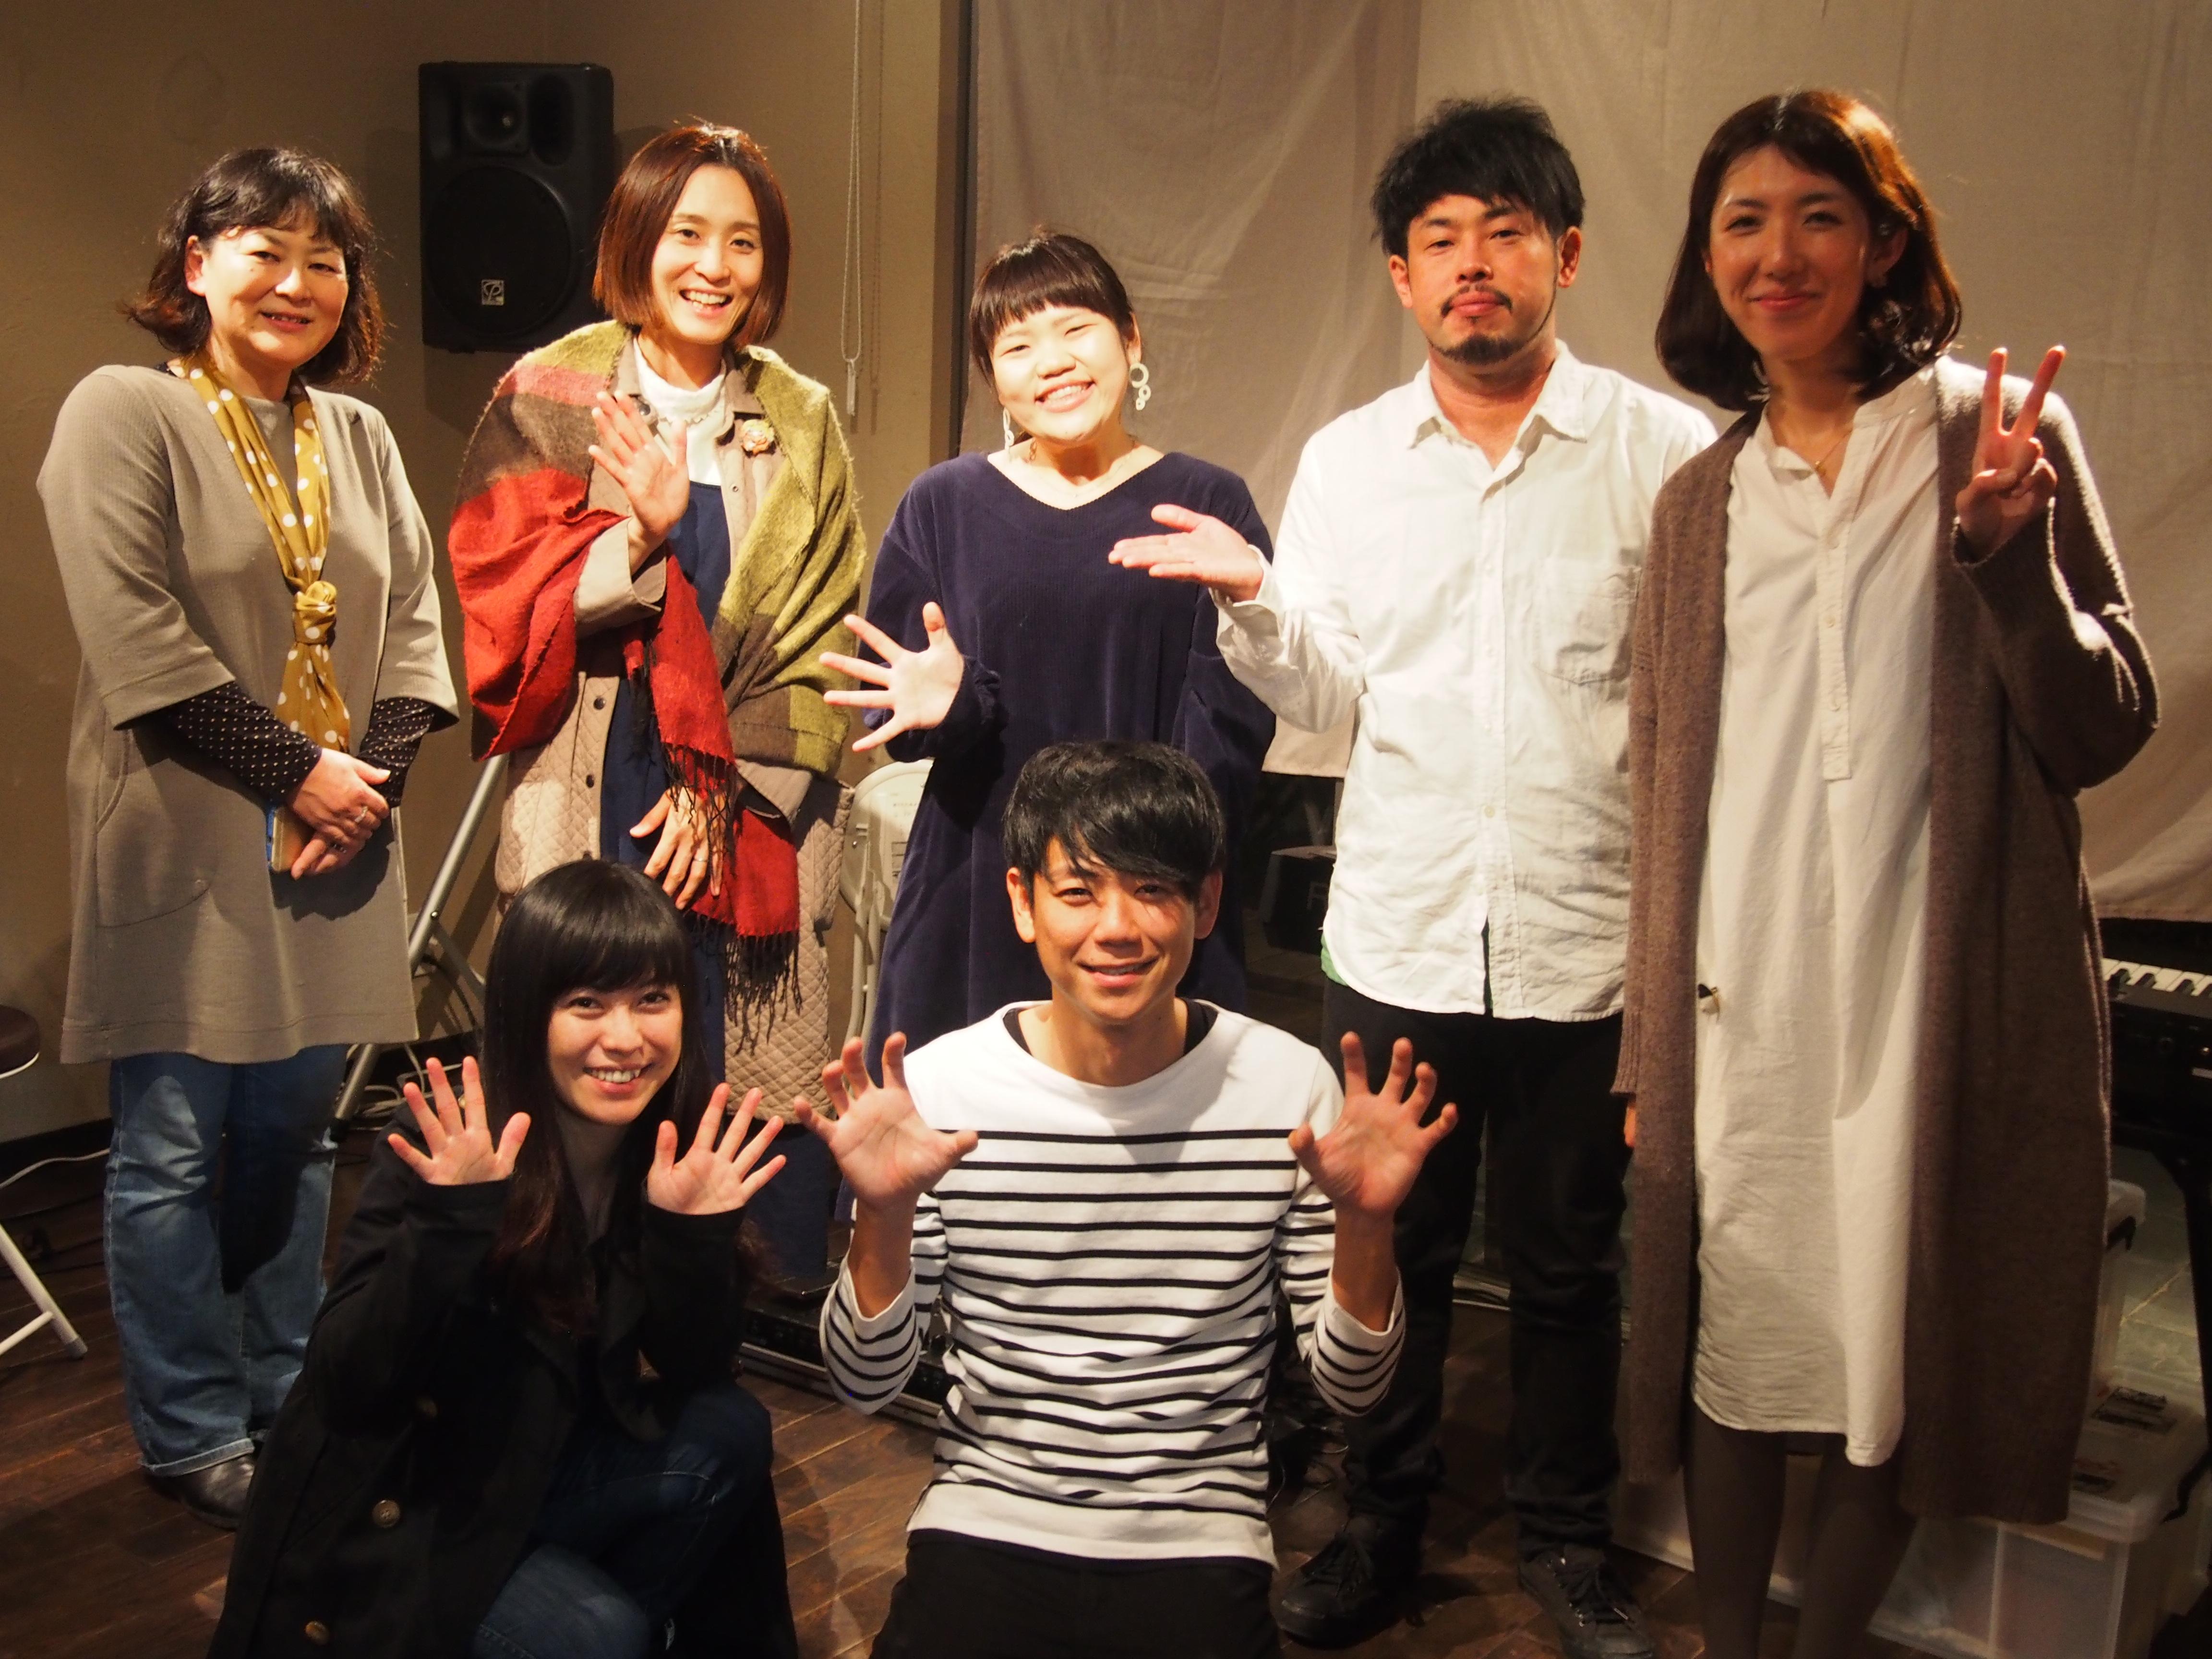 雨音日和vol.4、ありがとうございました!!!